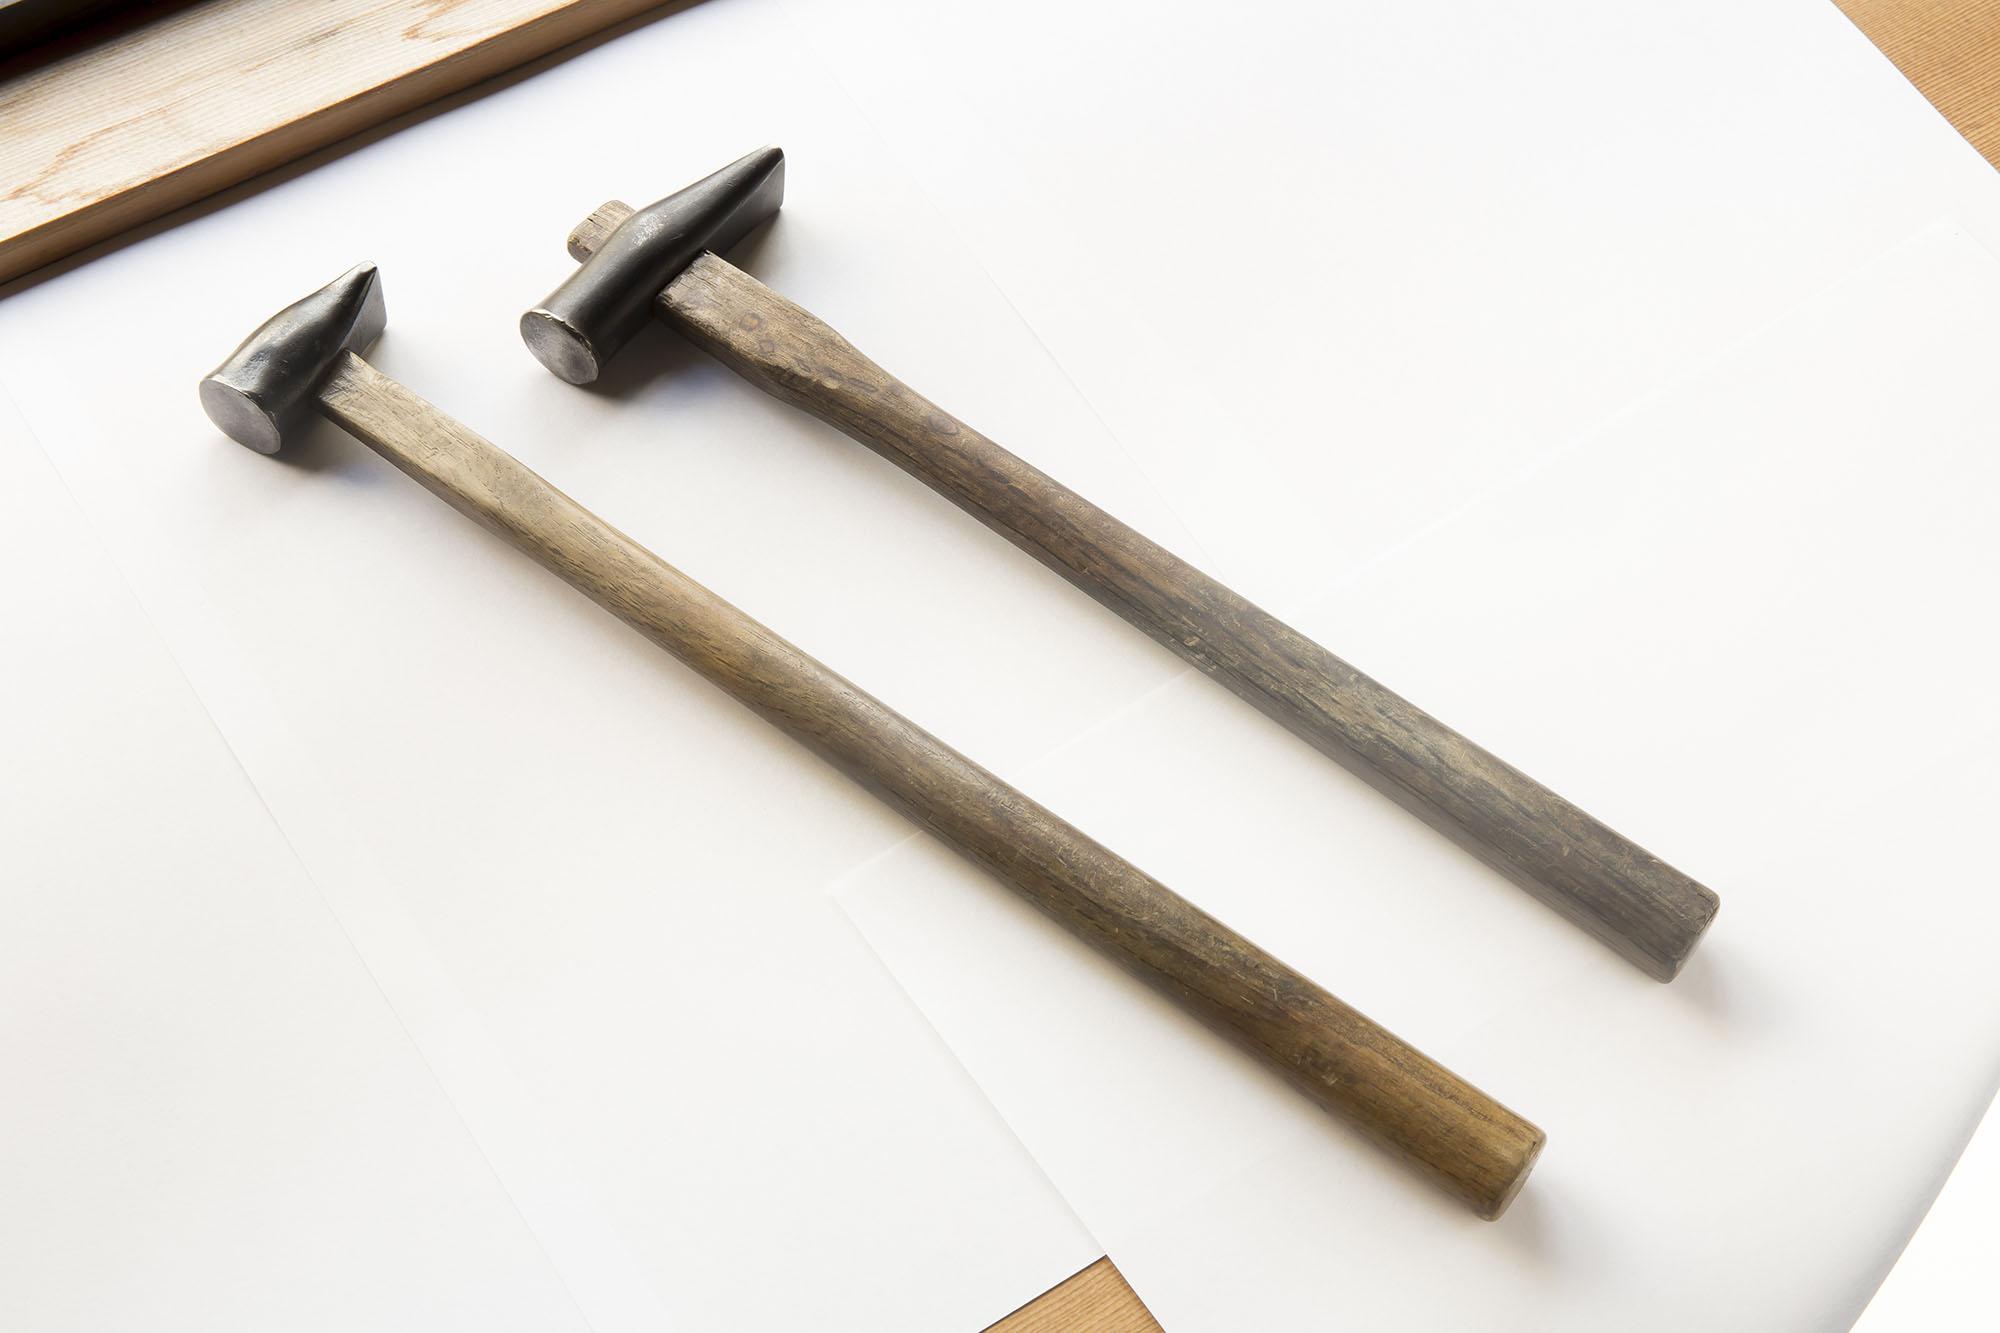 右は隆裕が使っている現役の金槌。左は彼の祖父が50年使い込んだという金槌